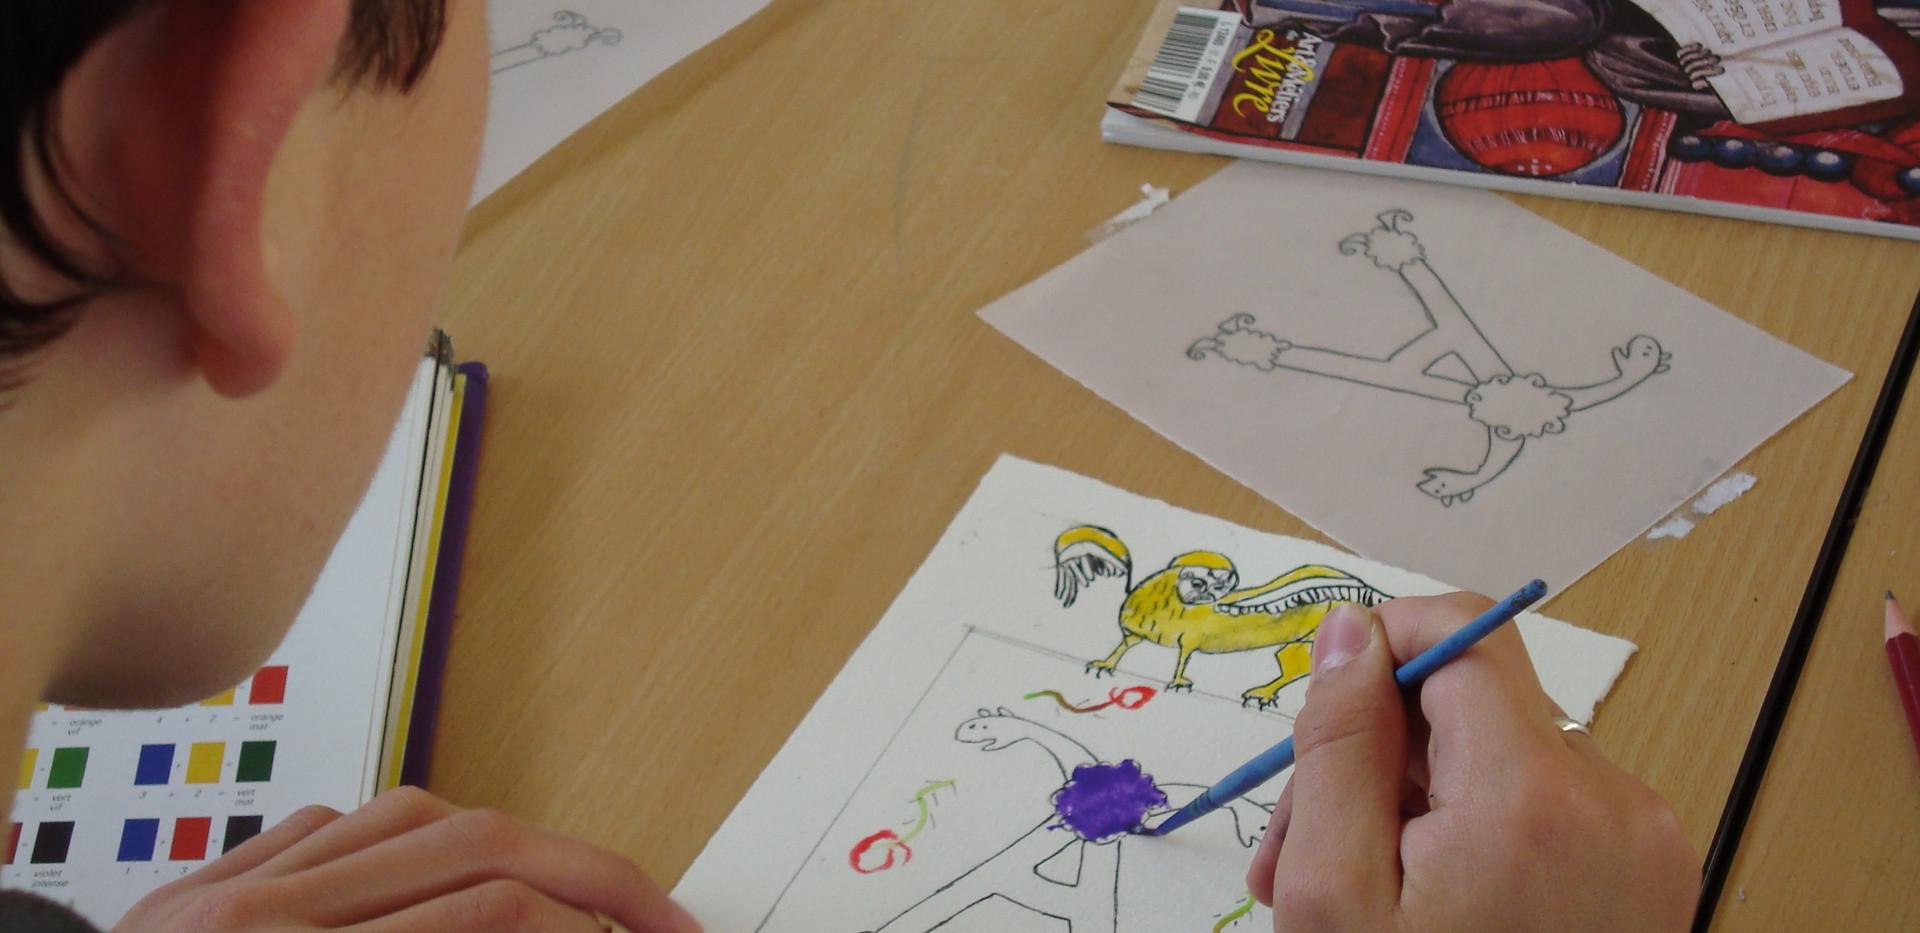 Atelier lettrine médiévale (enfant)